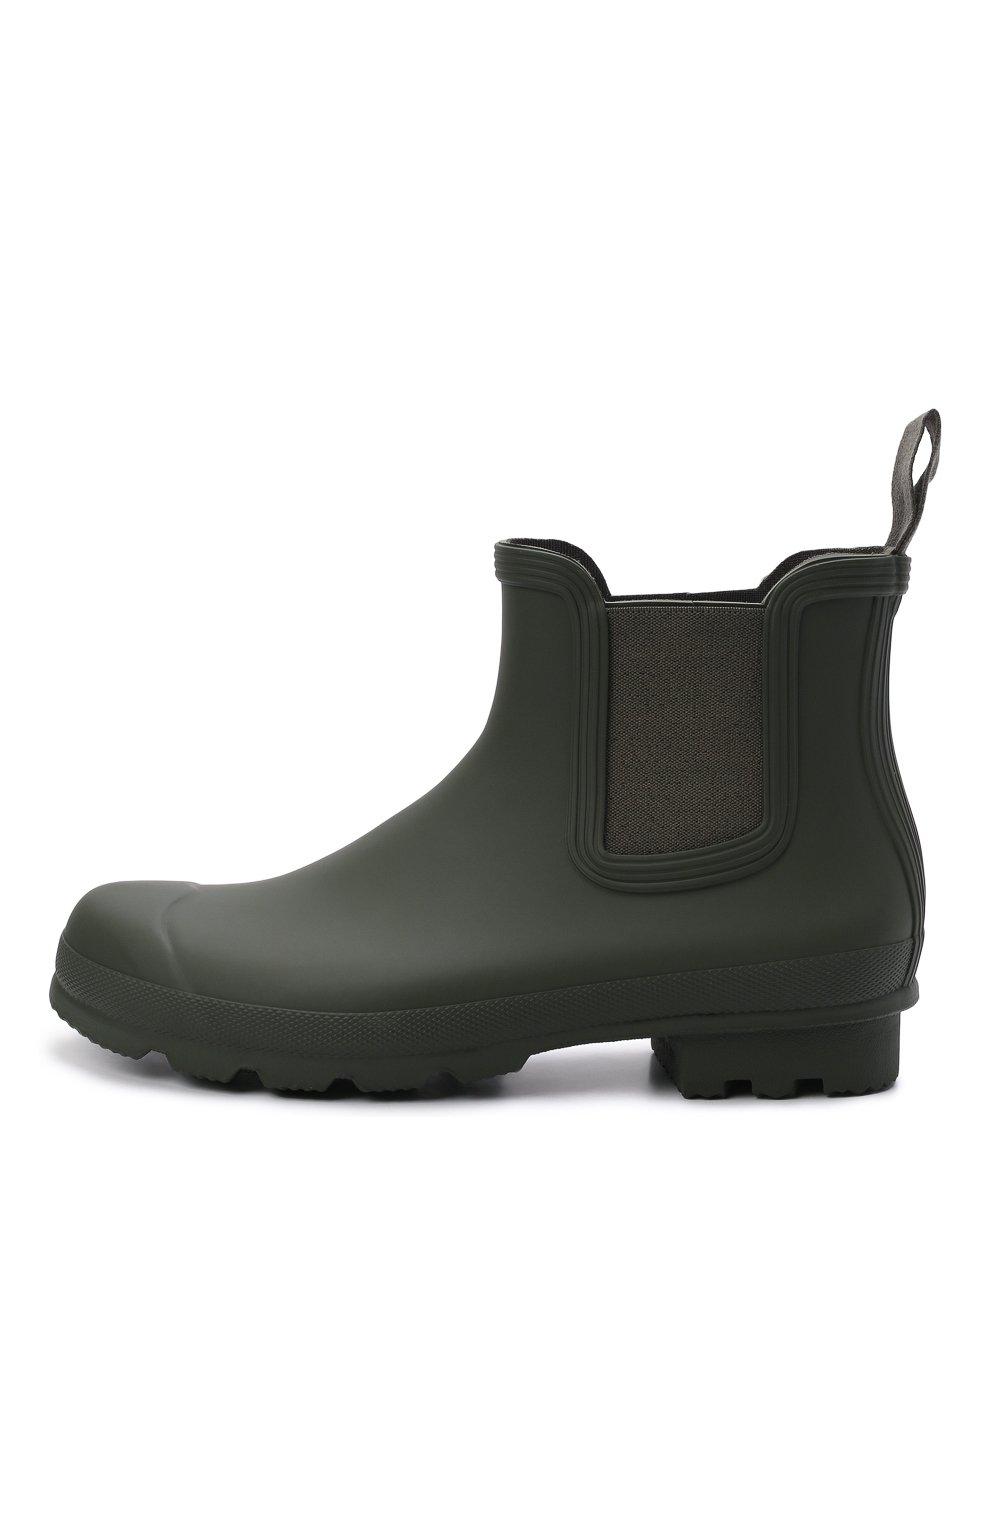 Мужские резиновые сапоги HUNTER хаки цвета, арт. MFS9116RMA | Фото 3 (Материал внутренний: Текстиль; Кросс-КТ: резиновые; Подошва: Плоская; Мужское Кросс-КТ: Сапоги-обувь, Челси-обувь; Материал внешний: Резина)